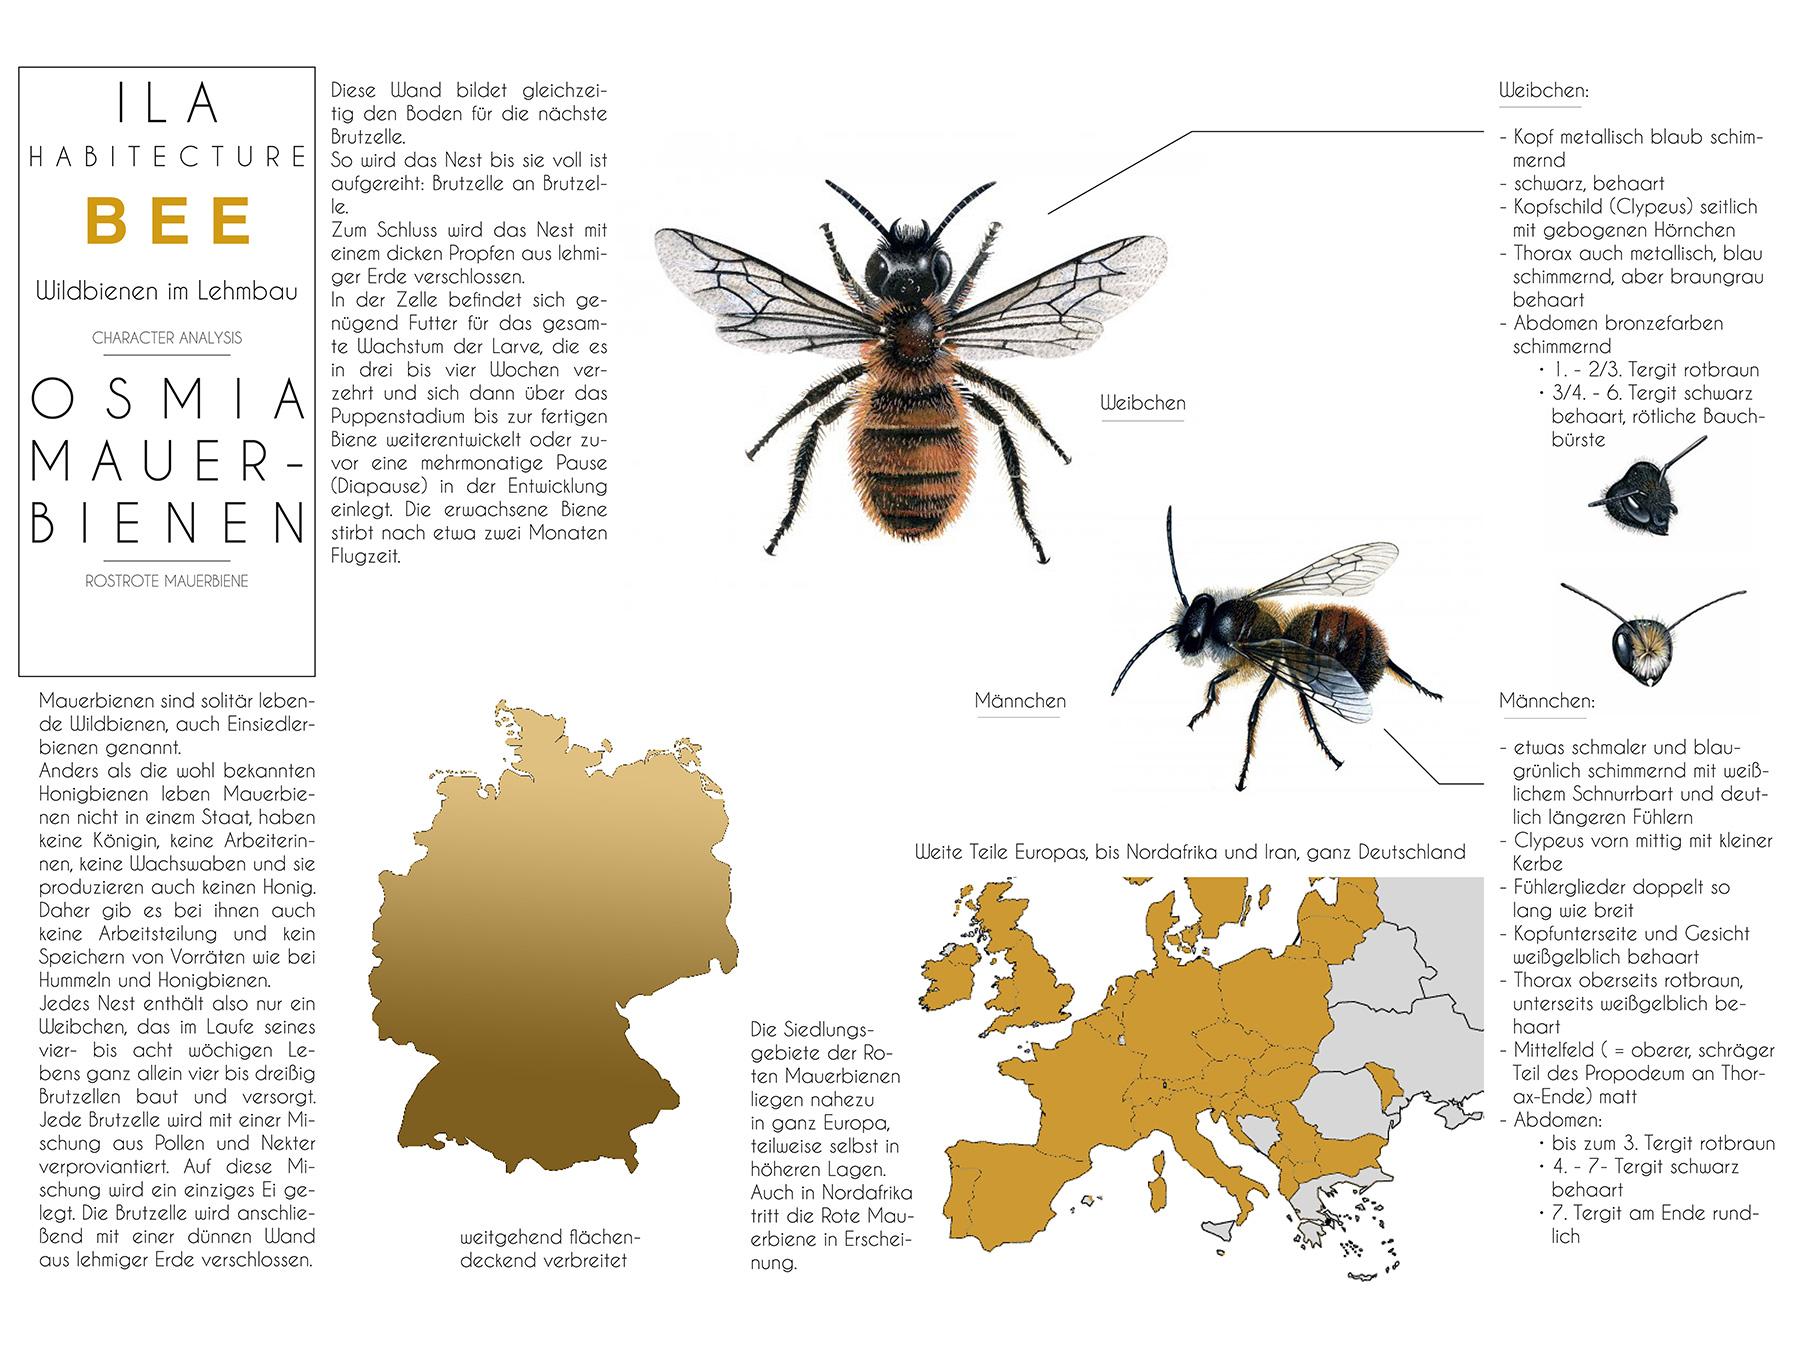 Analysen Wildbienen im Lehmbau I Rostrote Mauerbiene Osmia bicornis I Zeichnung Michaela Trautwein - 01